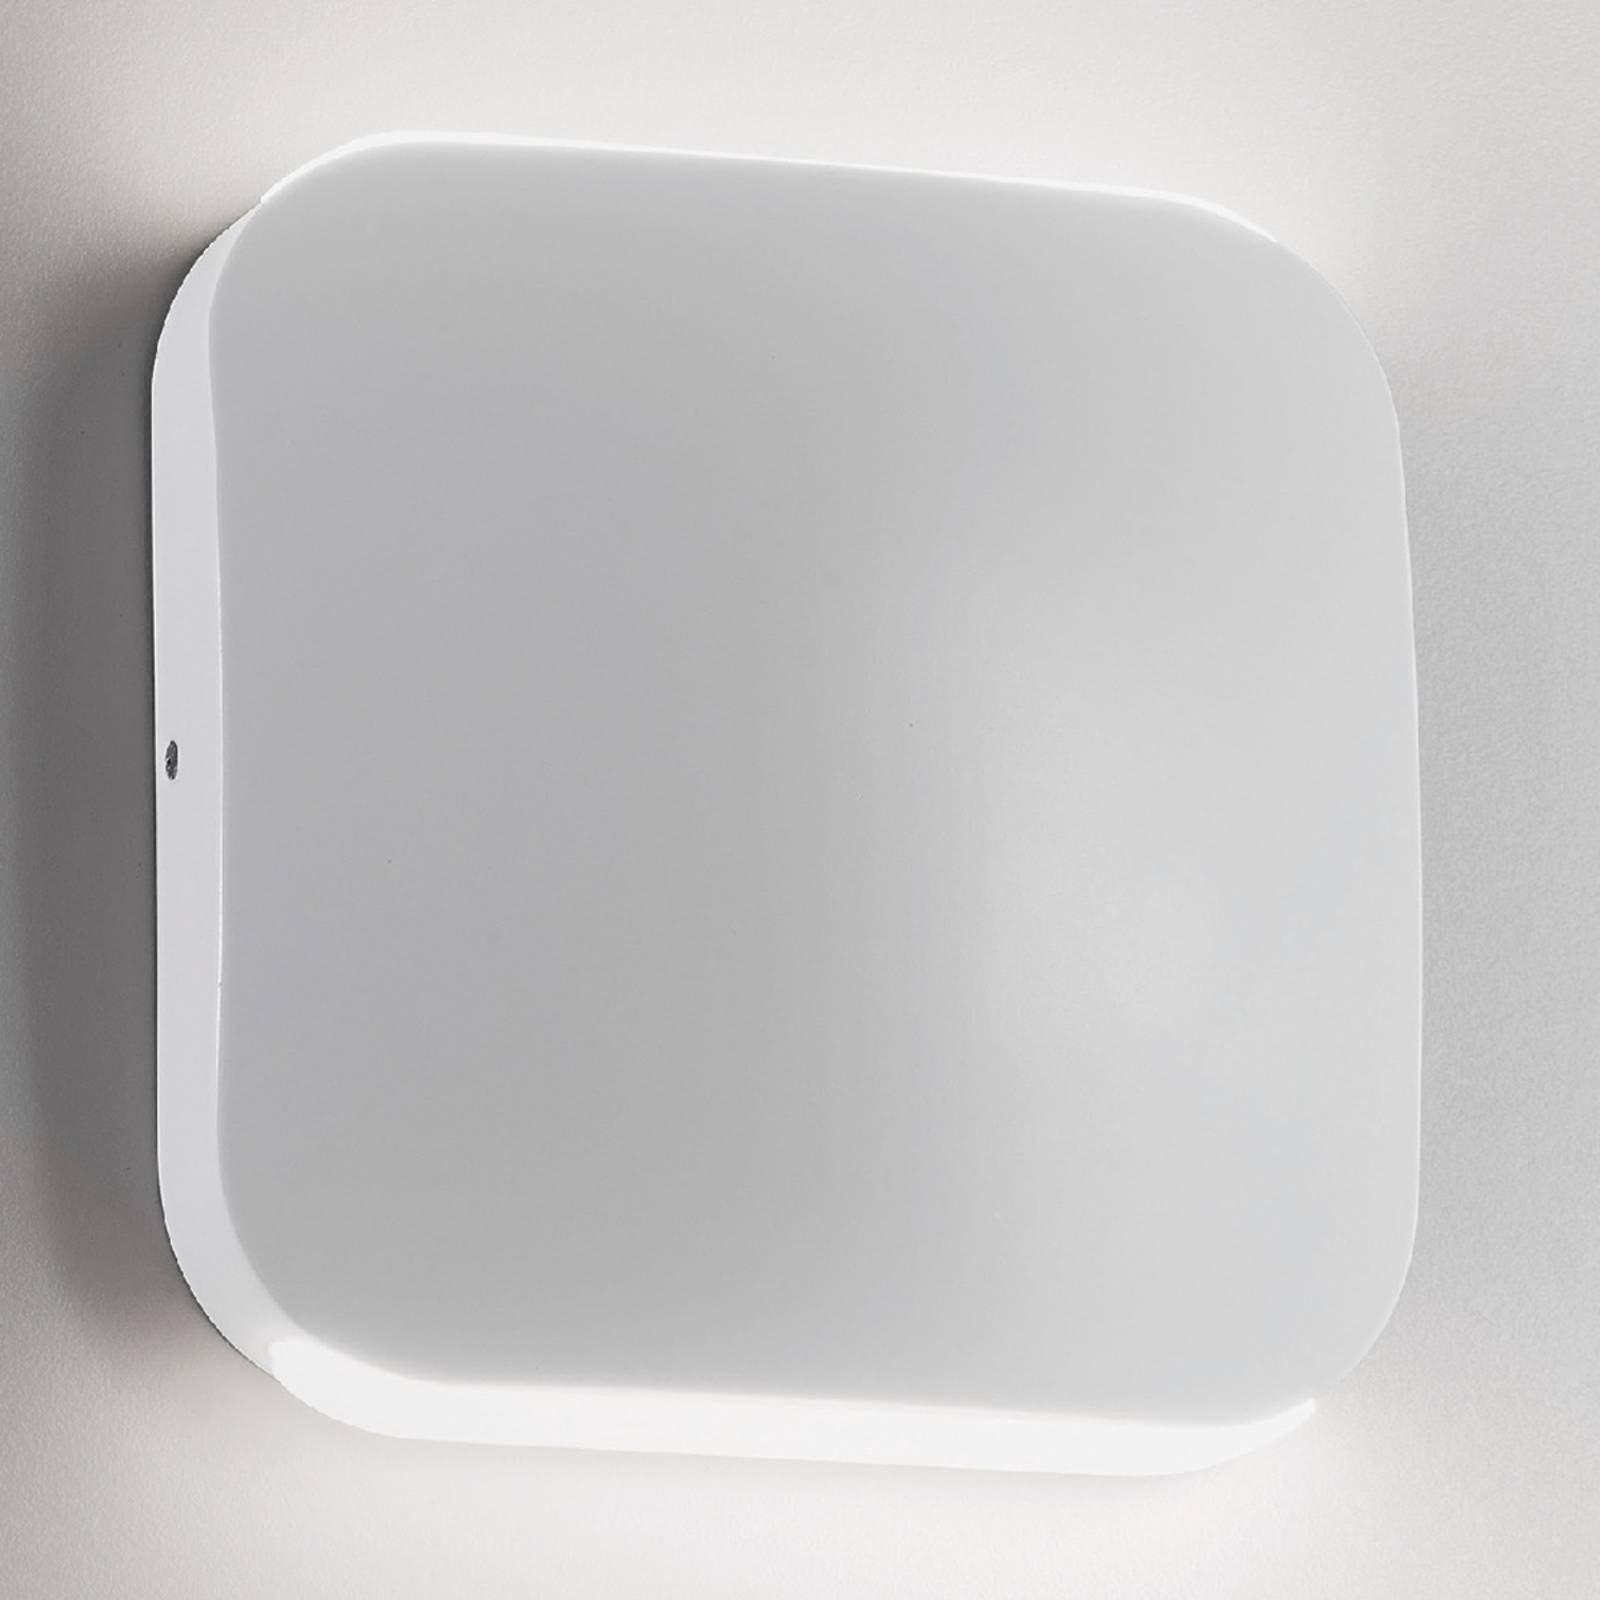 Utendørs LED-vegglampe Astuccio, hvit